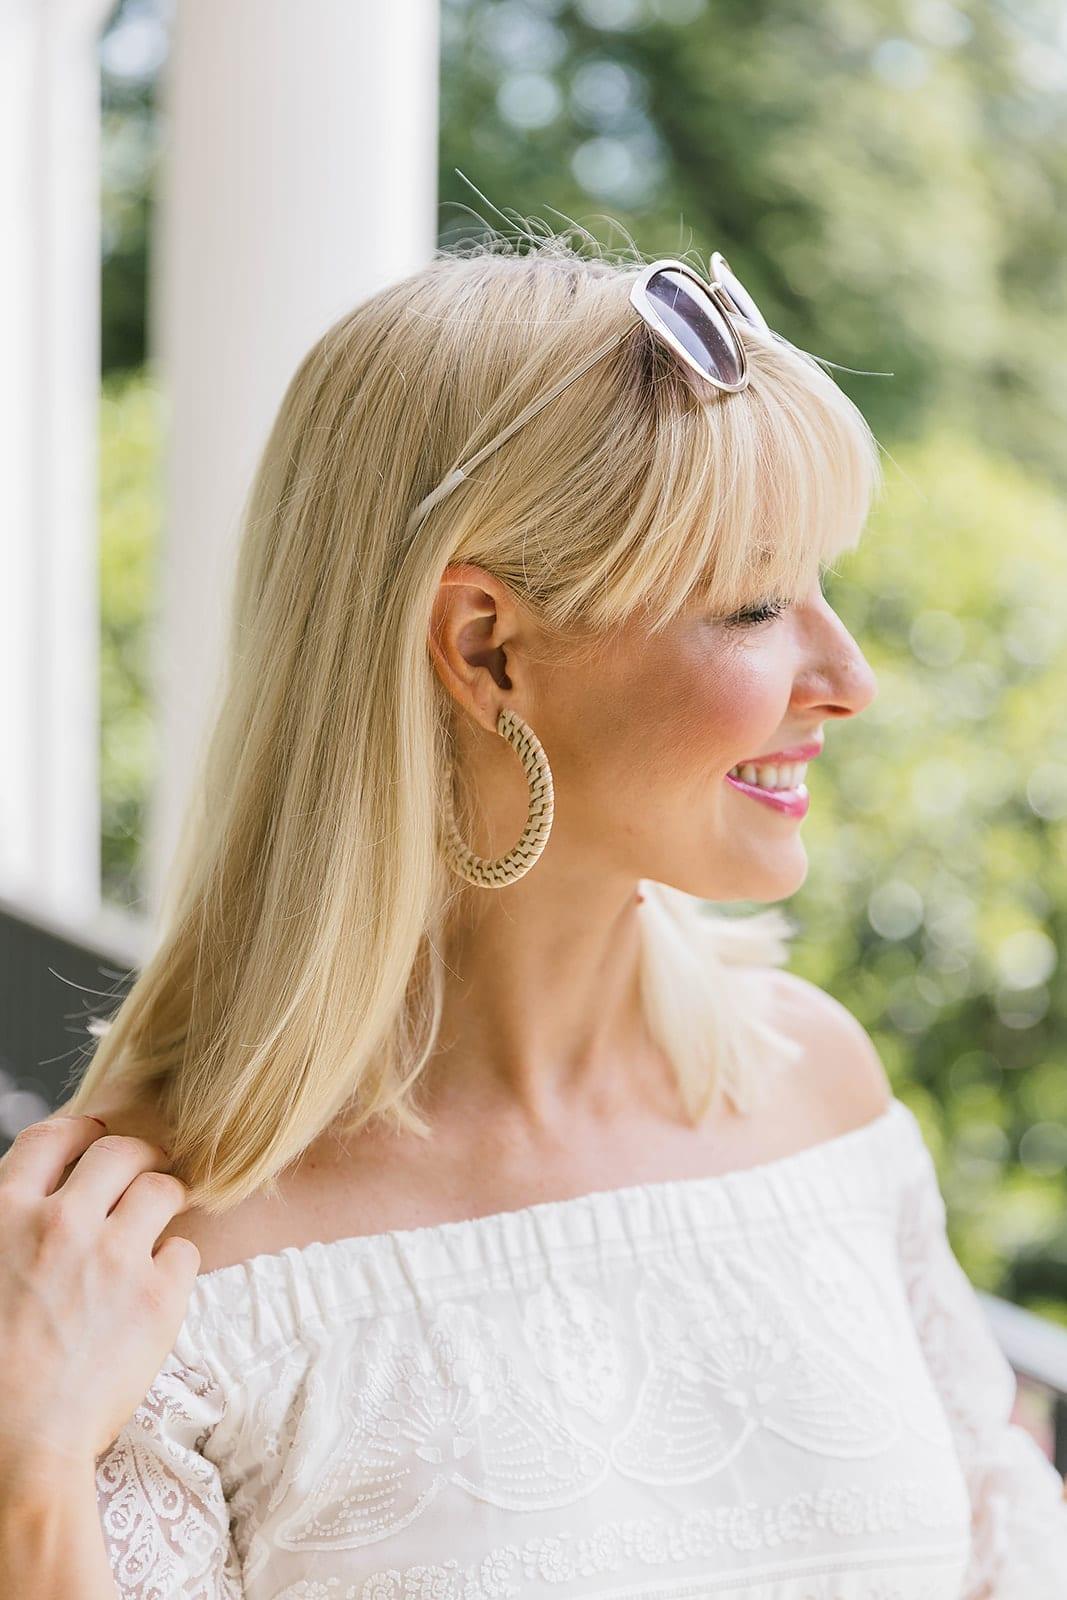 Wicker hoop earrings from Anthropologie. Summer lightweight earrings on sale.